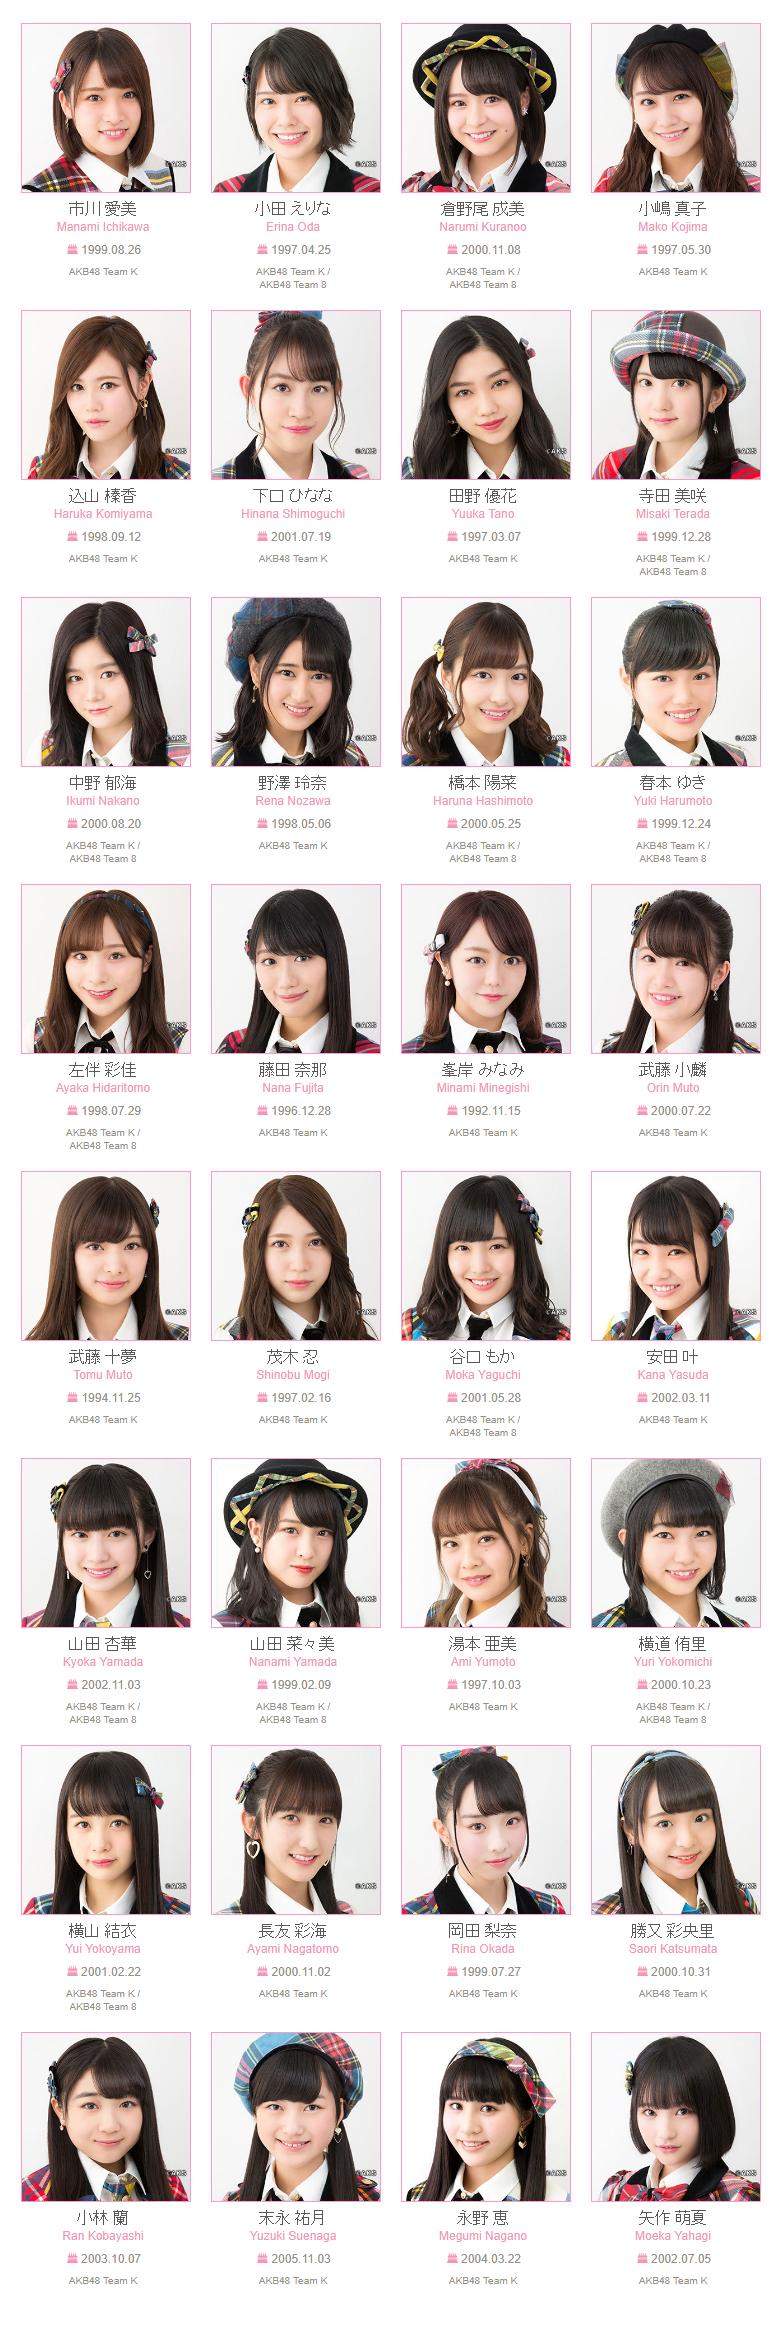 Team K